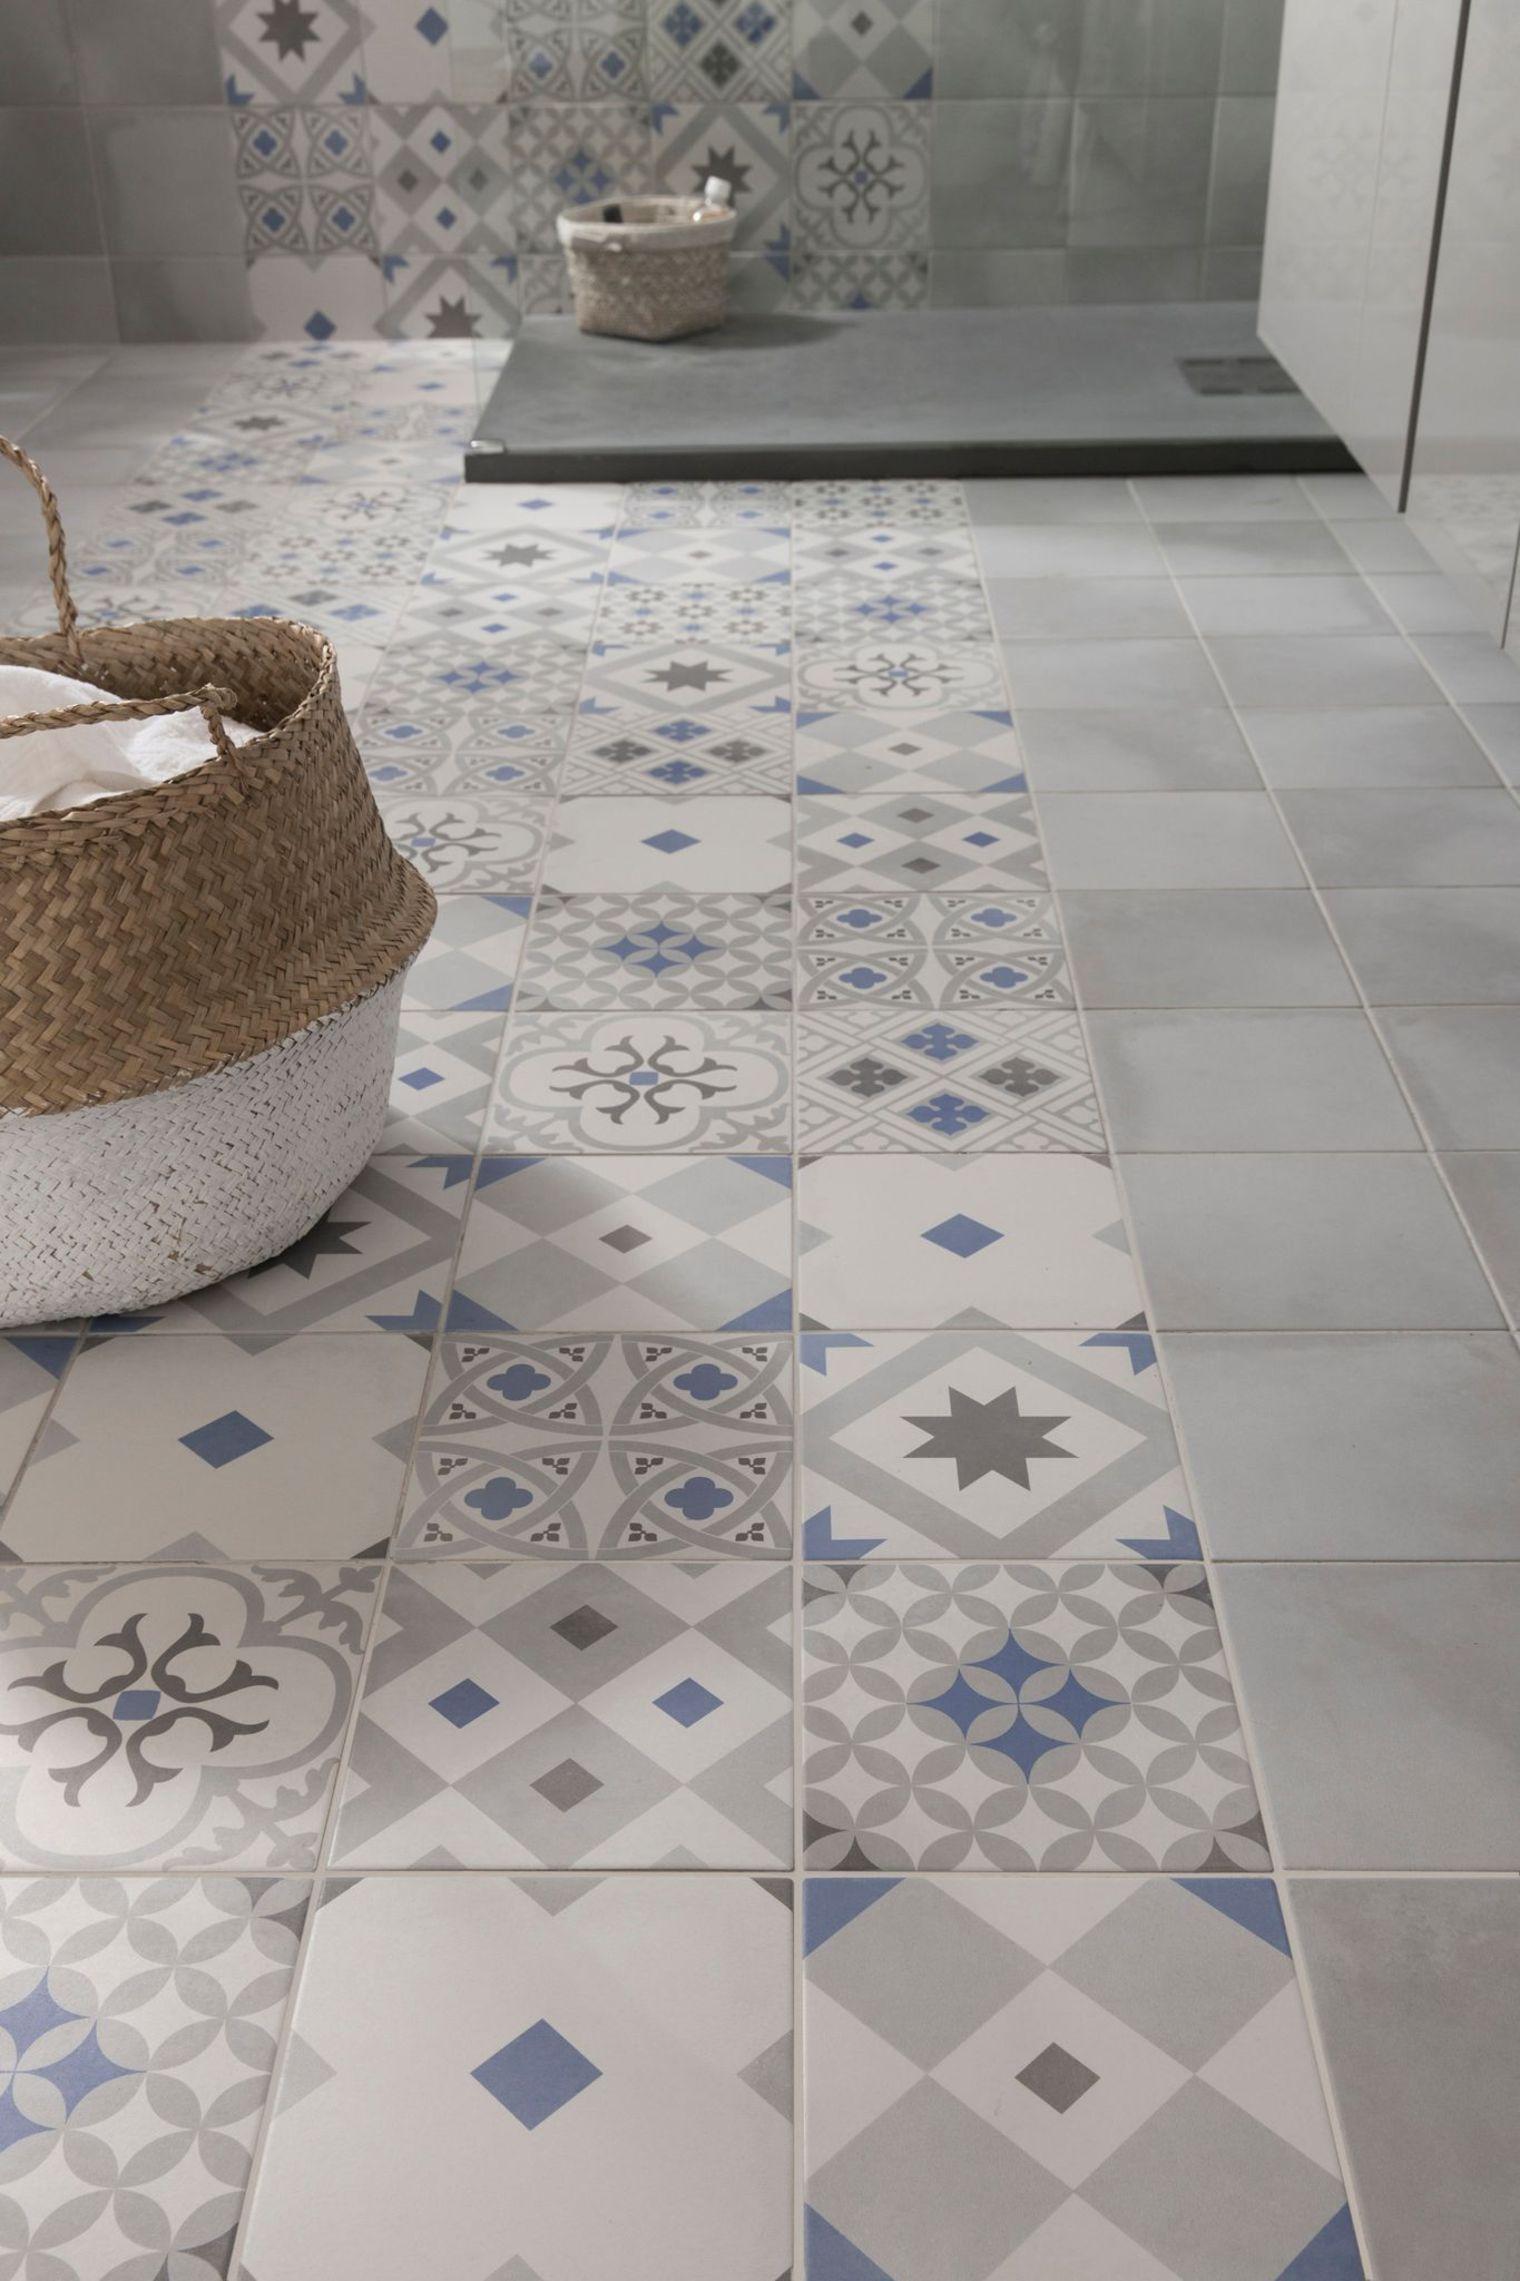 associer deux carrelages au sol de votre salle de bains pour plus